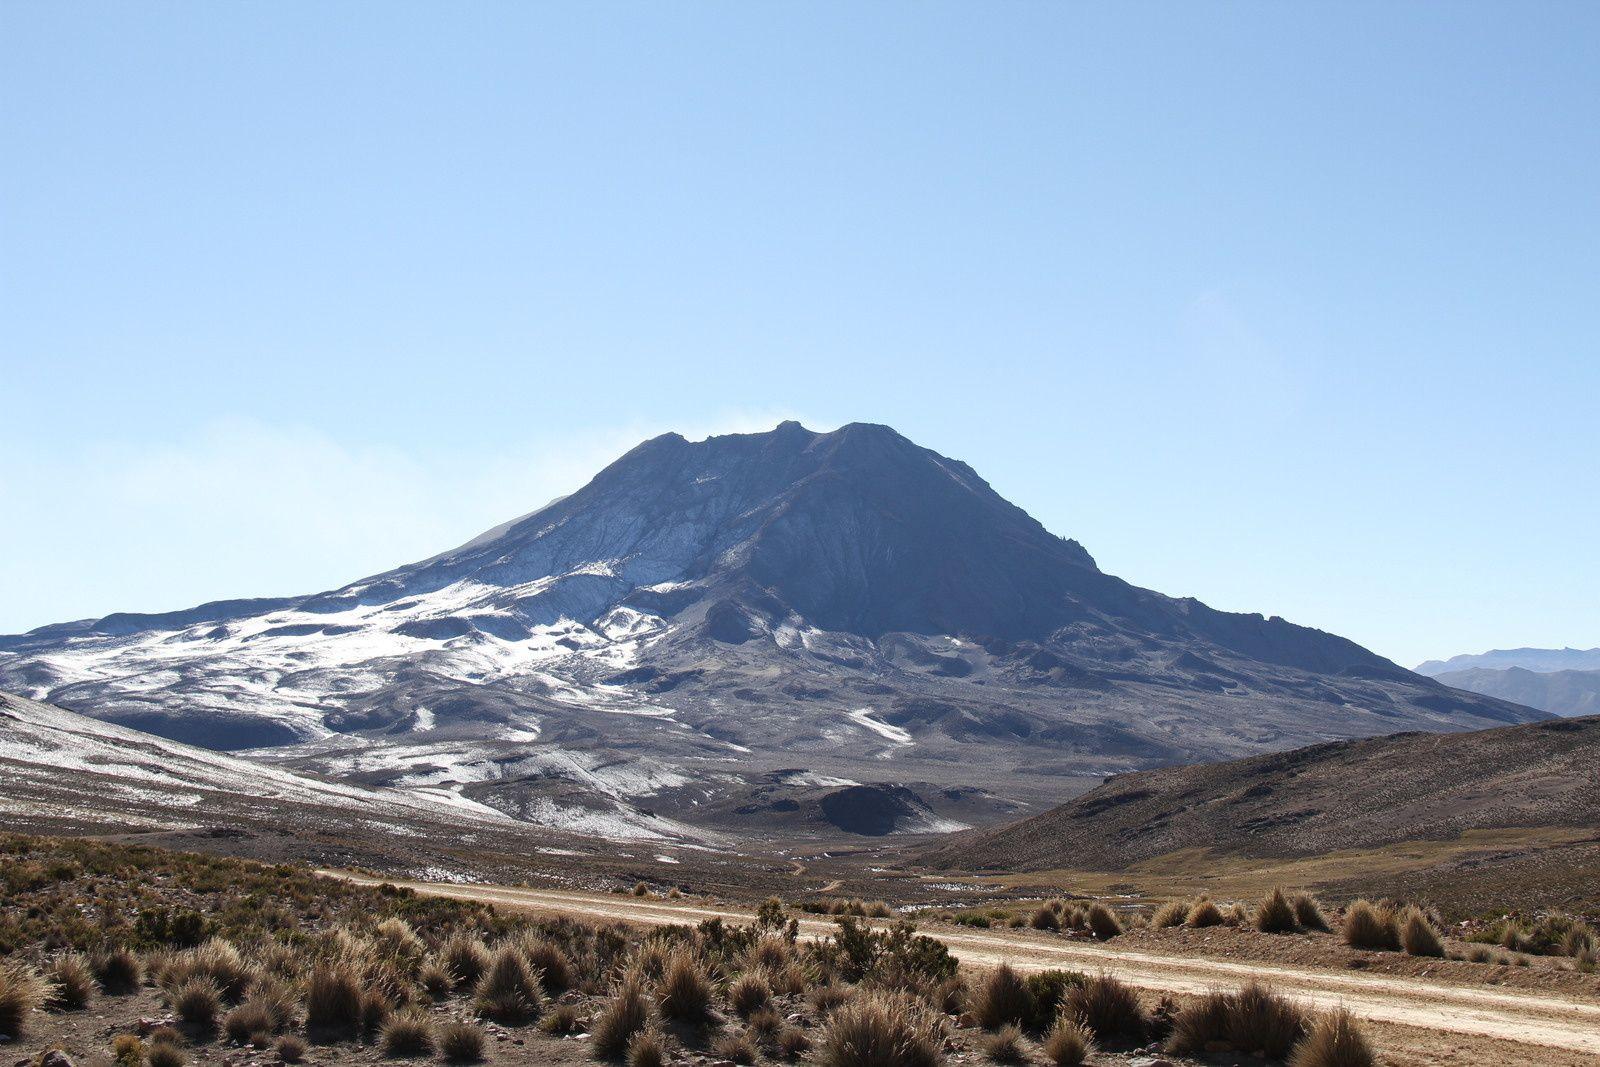 Vues de l'Ubinas depuis l'Altiplano